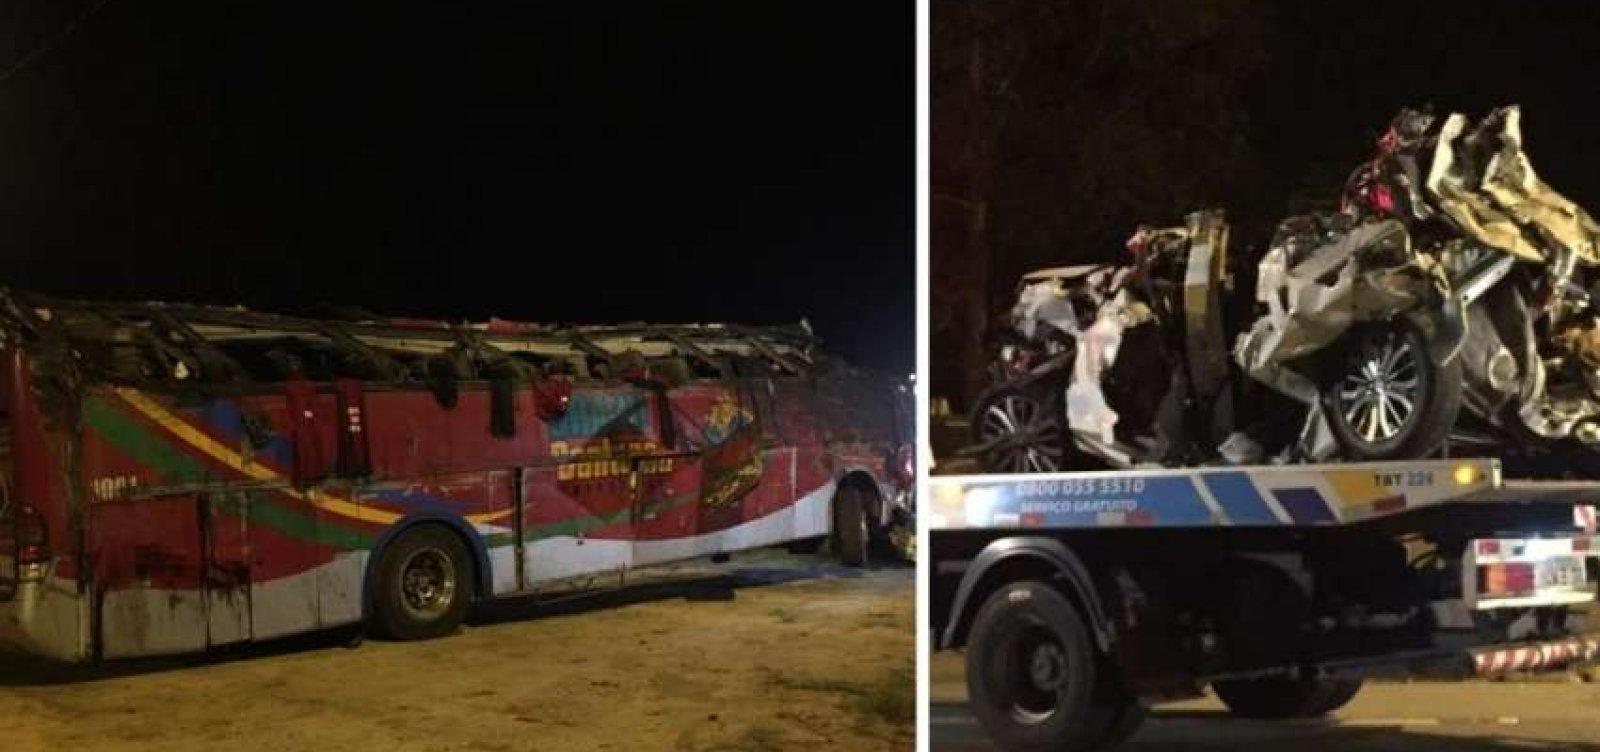 [Ônibus que capotou e deixou 10 mortos em SP não tinha condições de trafegar]